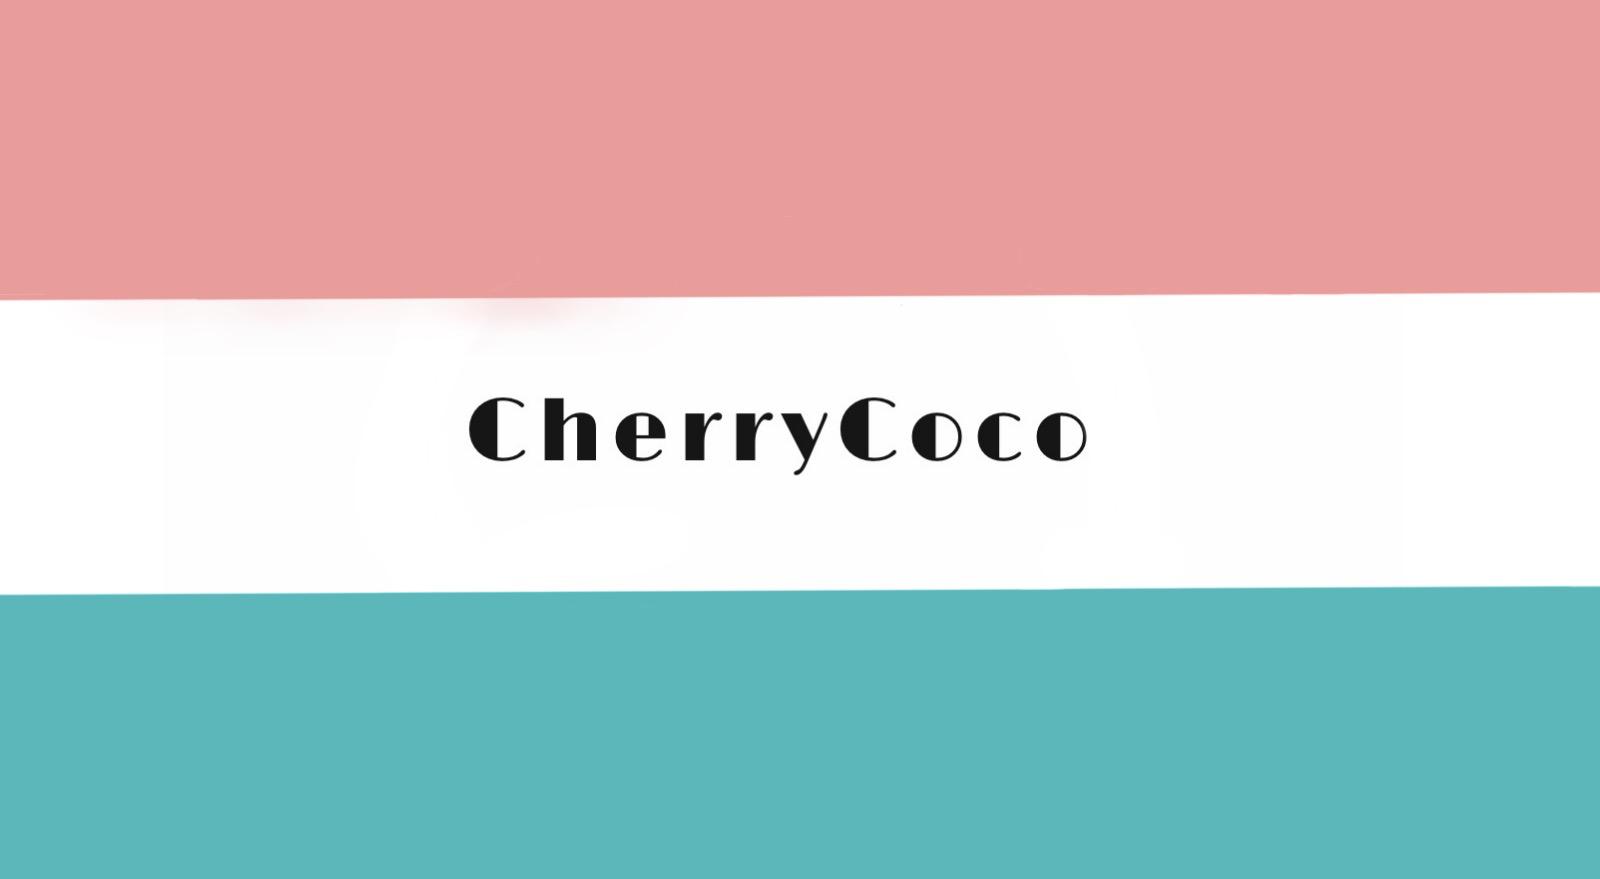 CherryCoco